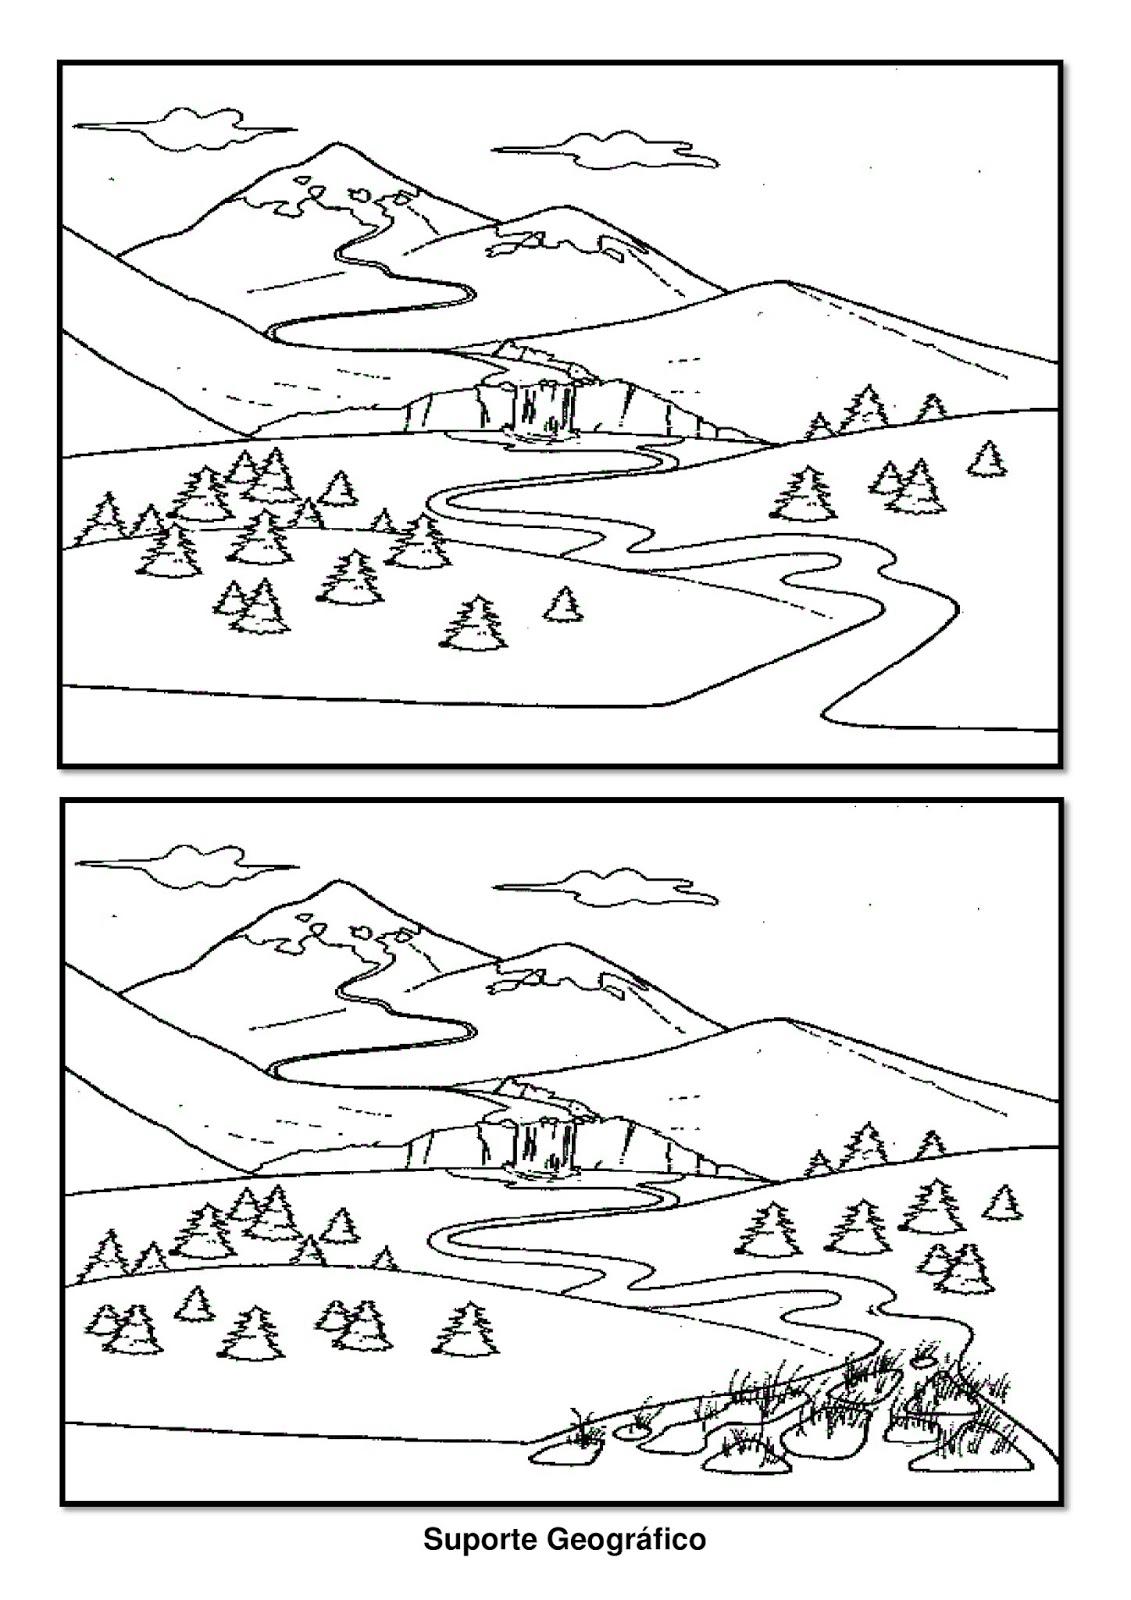 Desenho De Rio Para Colorir Suporte Geografico